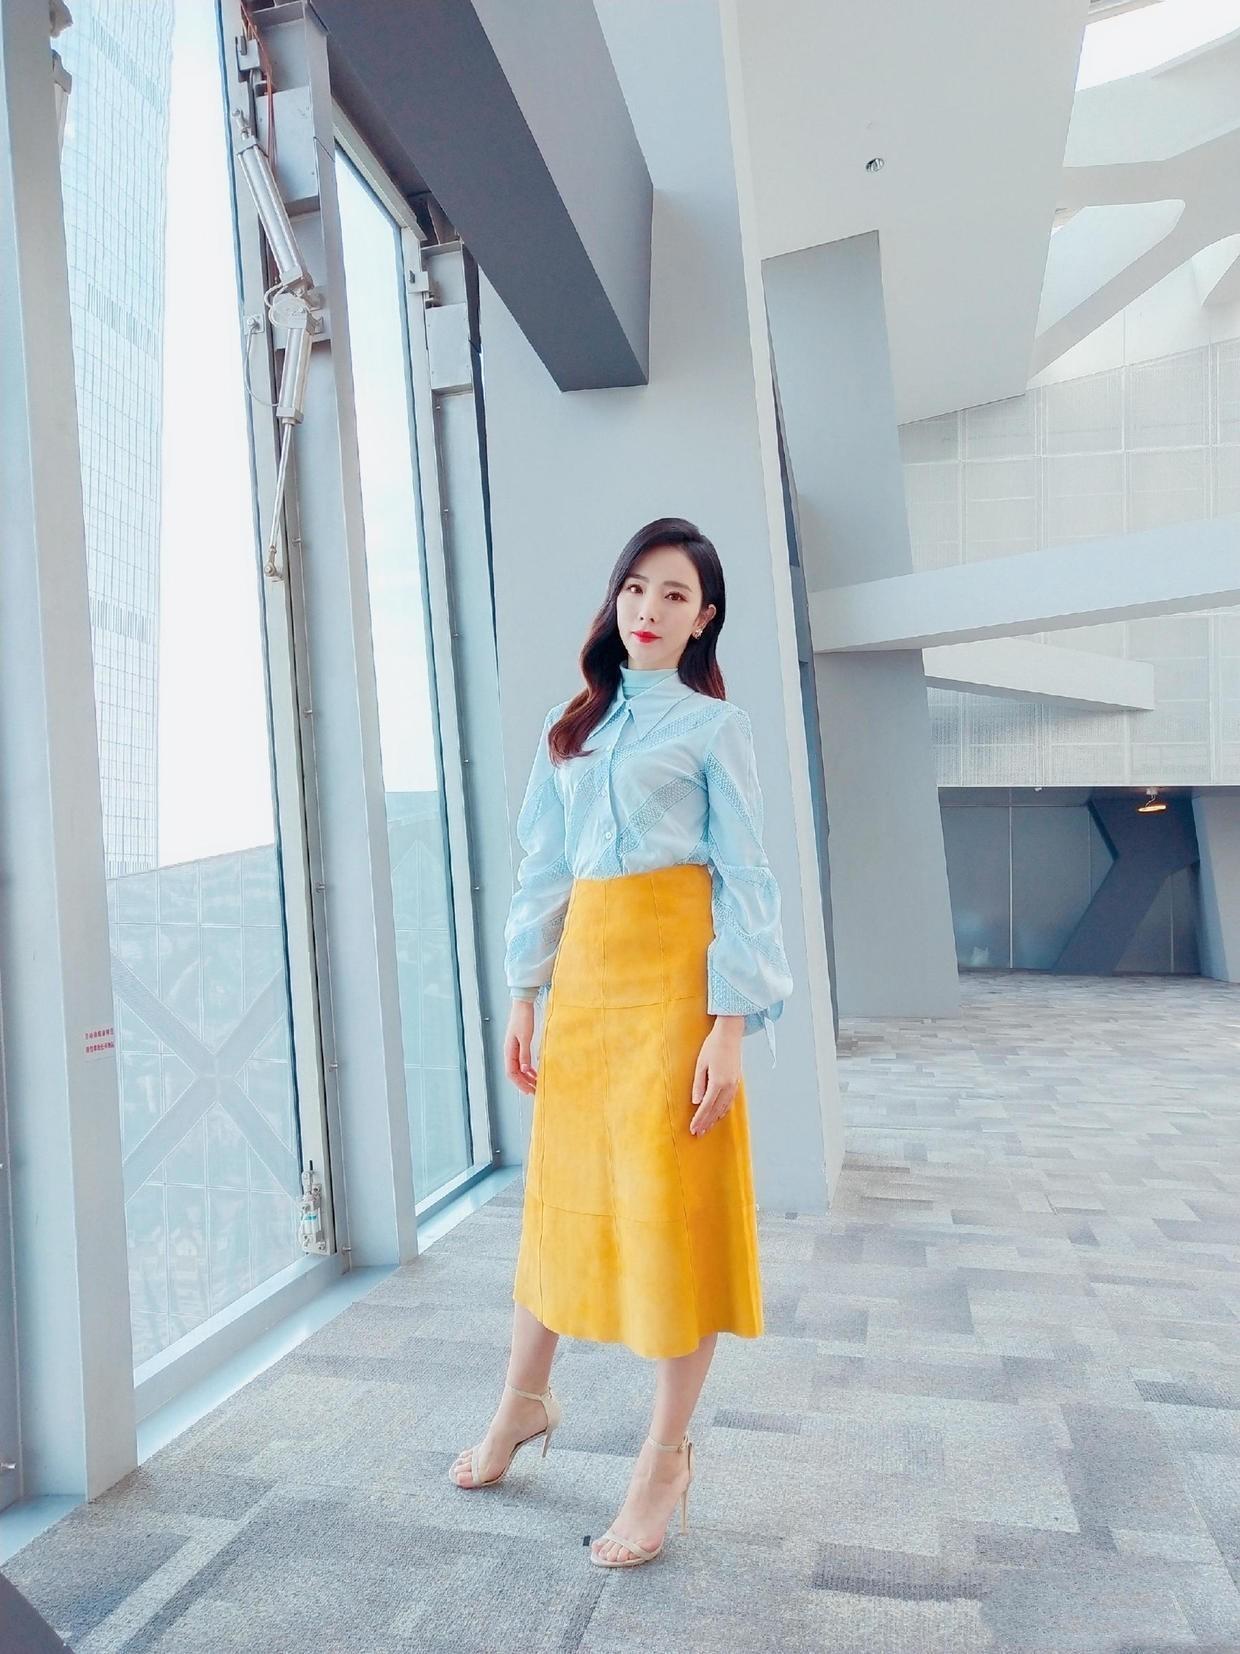 央视名嘴李思思真会穿,蓝色衬衫配黄裙玩大胆撞色,意外高级大气